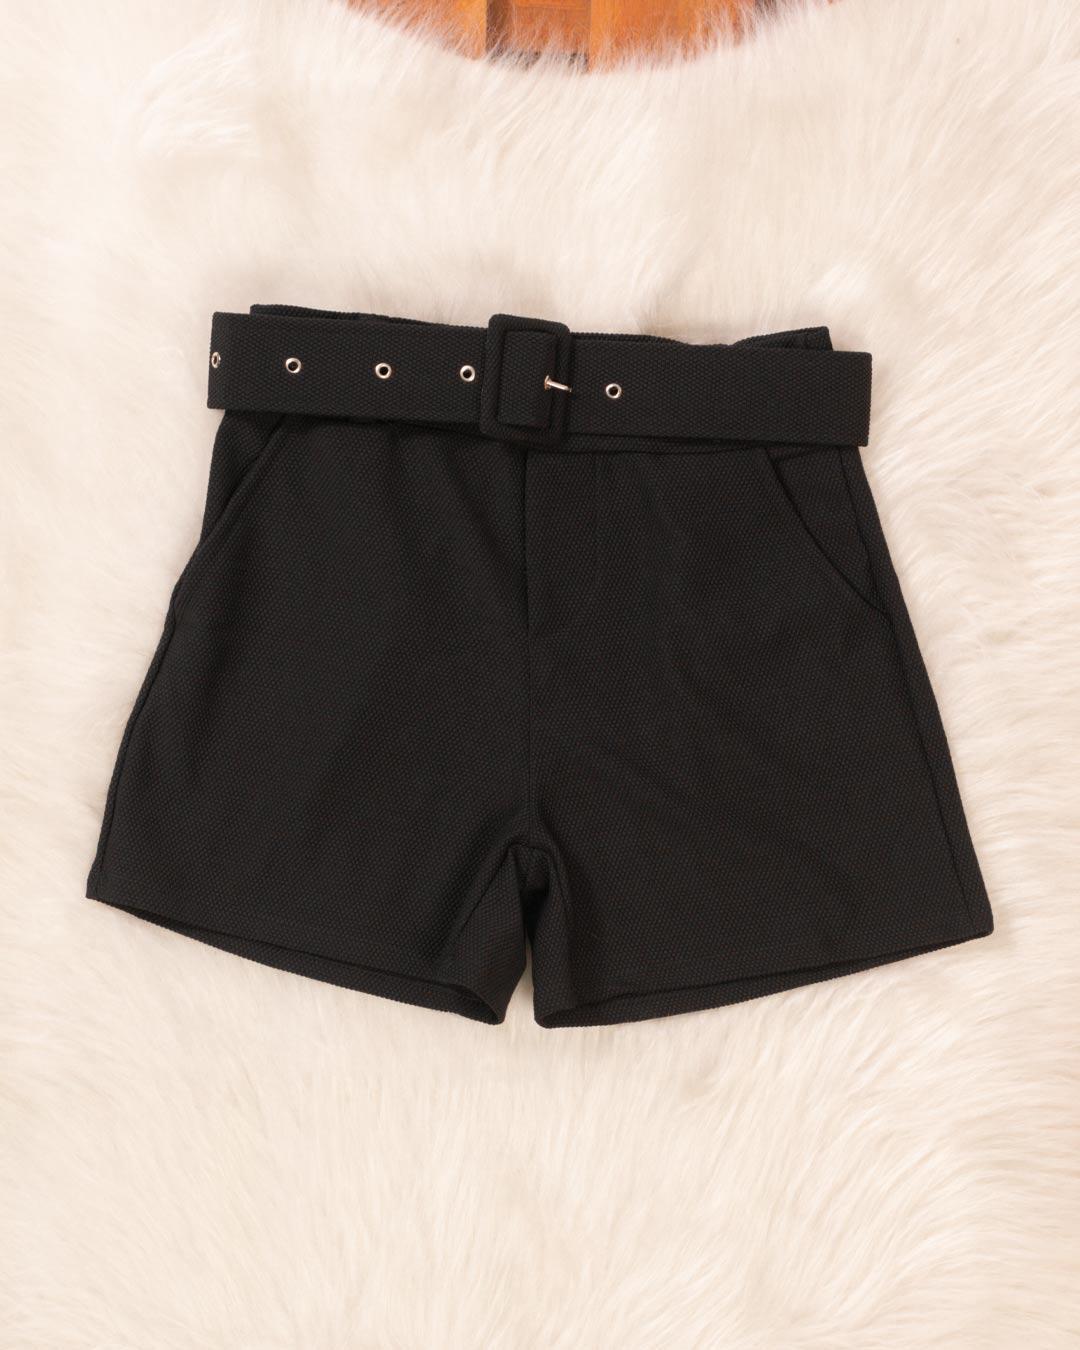 Shorts Adulto Com Cinto Fivela De Coração - Moça Bonita